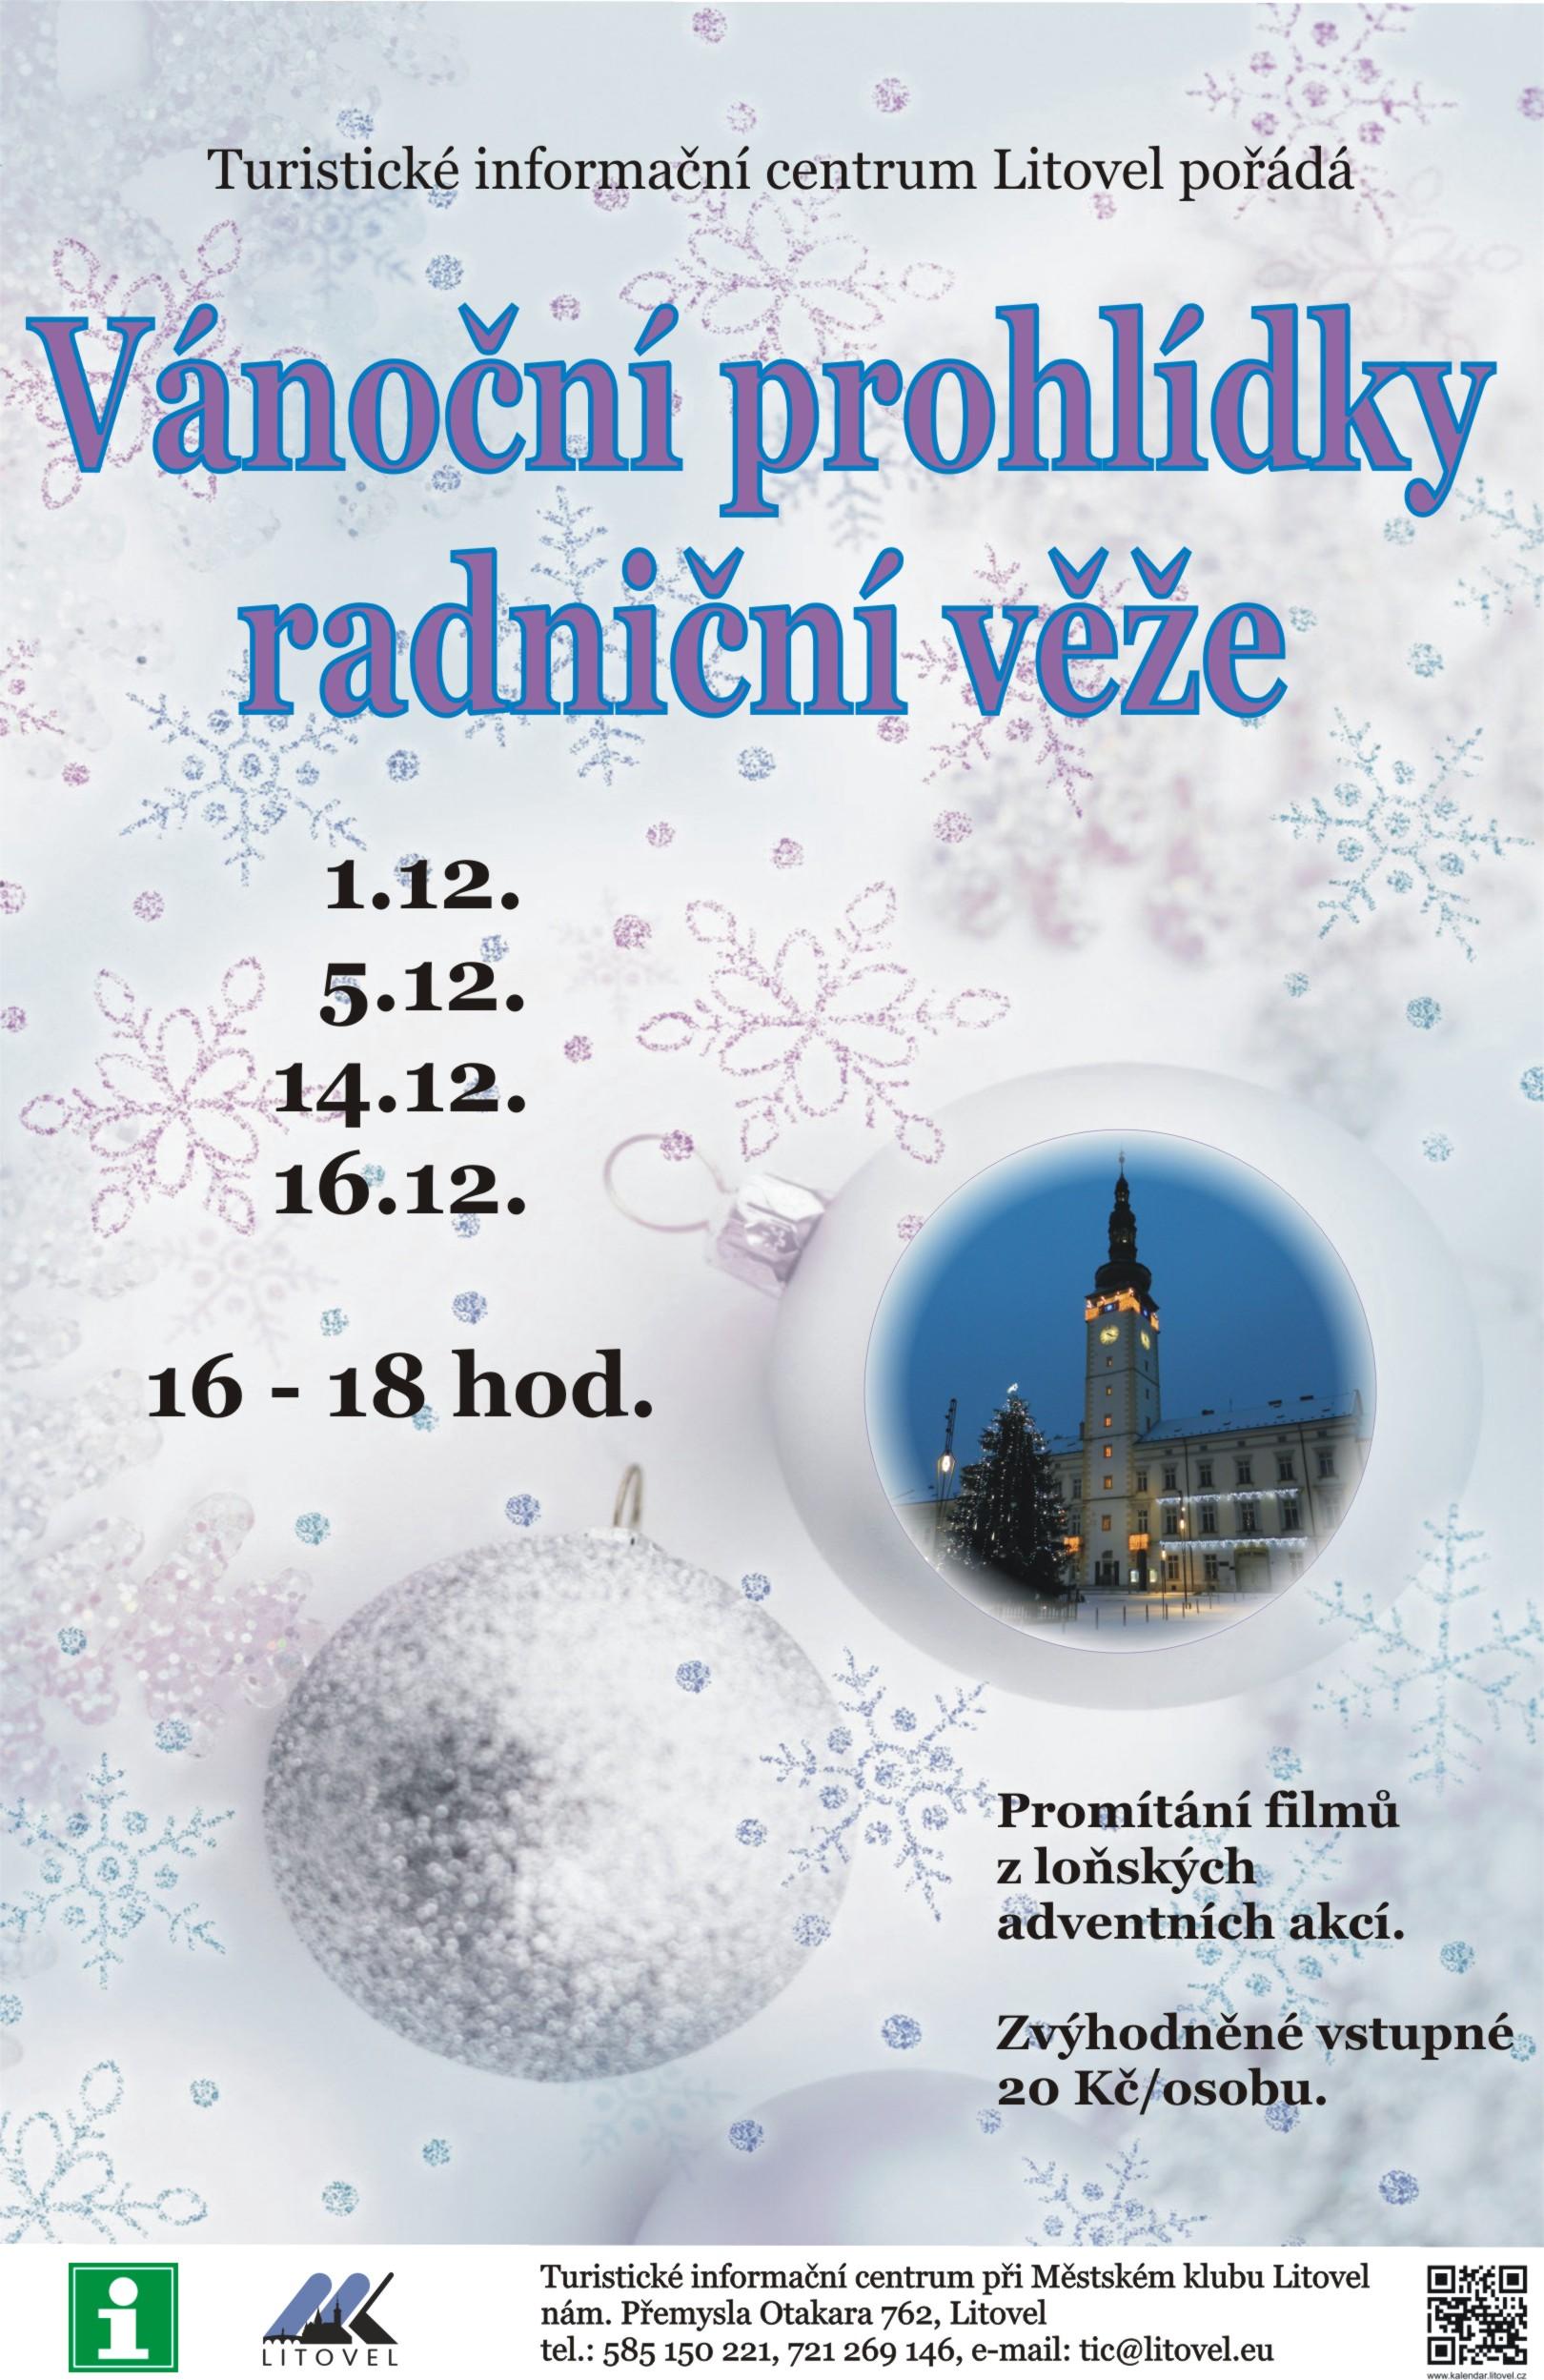 Vánoční radniční věž, obrázek se otevře v novém okně